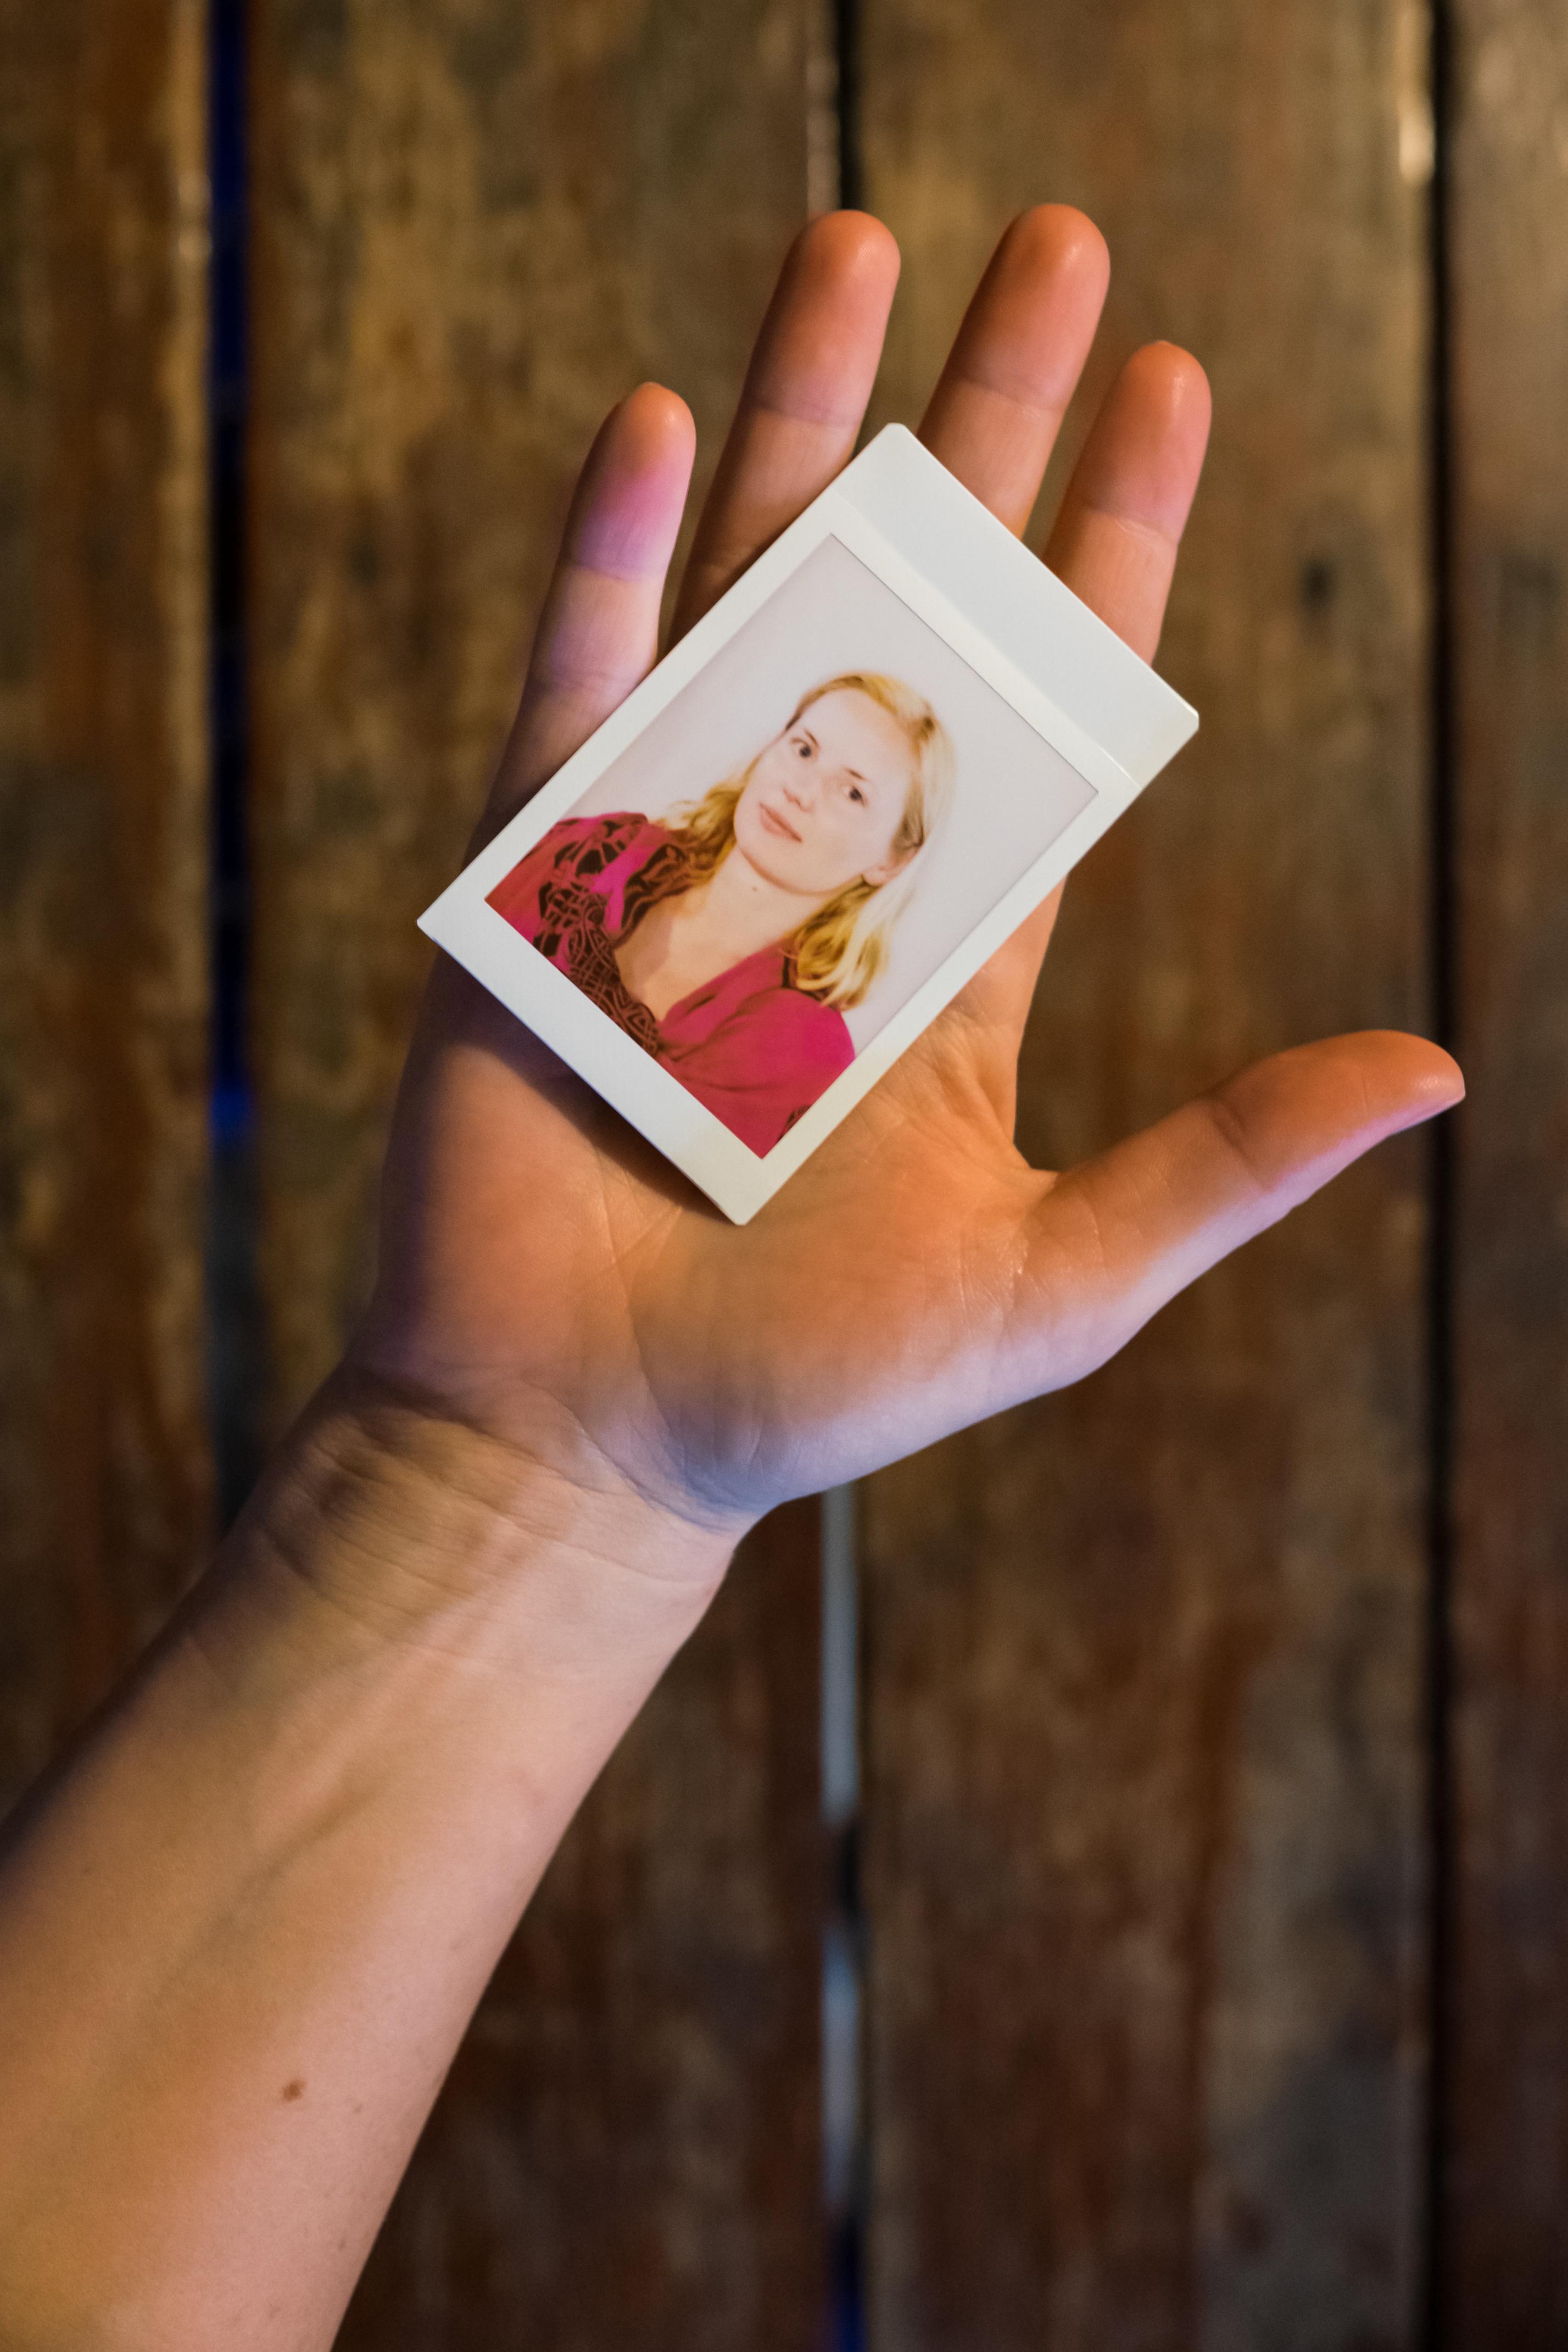 Olivier Bourget portrait dans la main-100